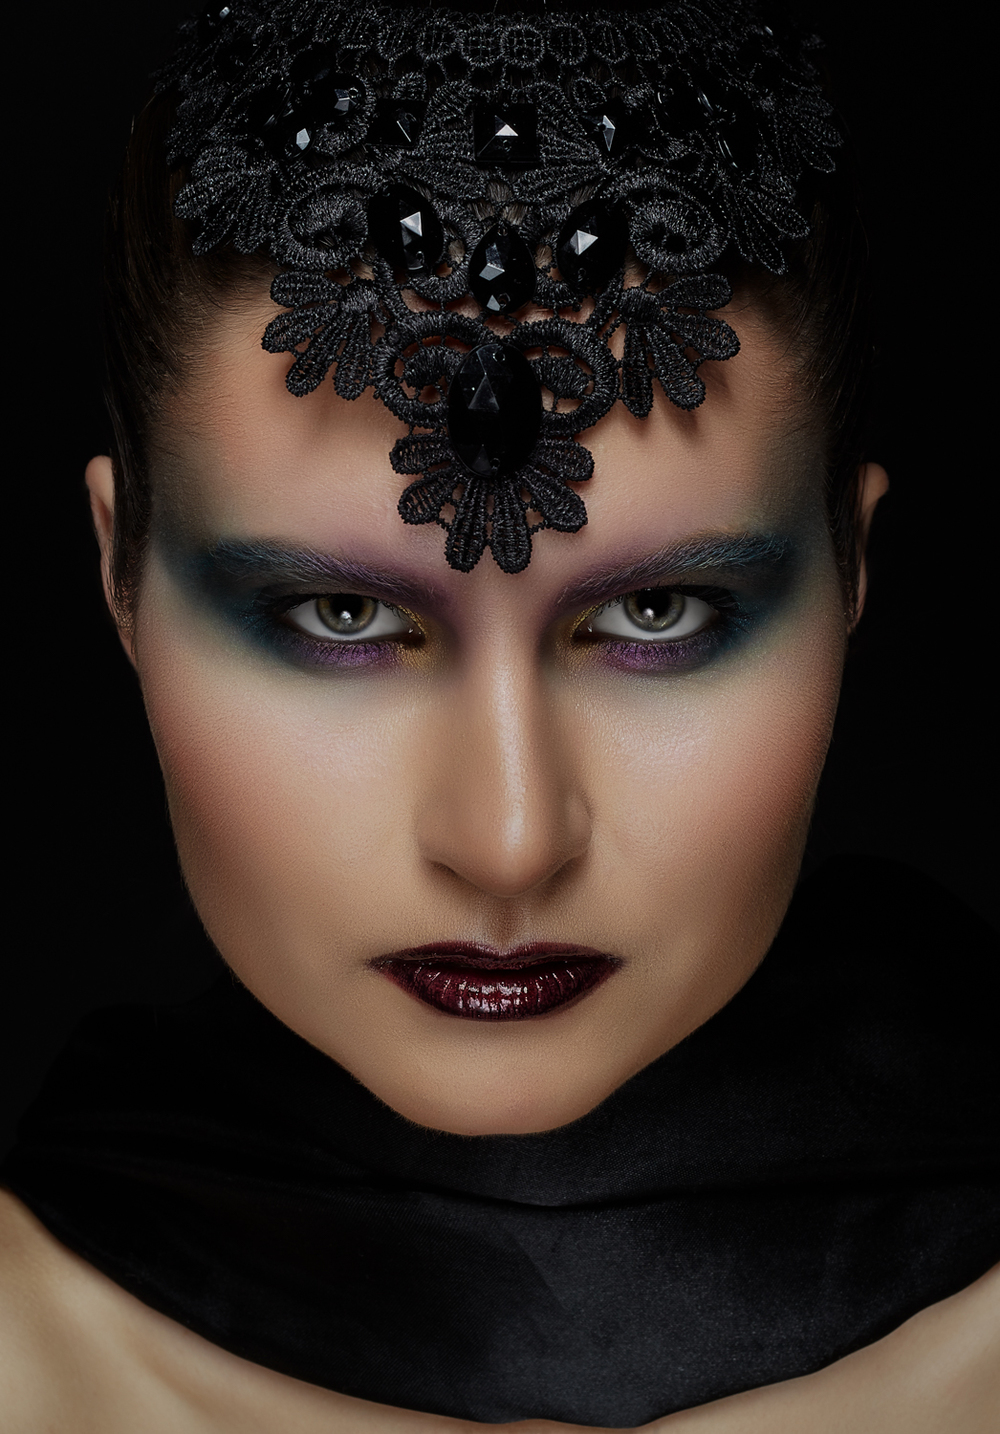 K14_4896-48-Kamal Mostofi-Beauty_Ieva.jpg